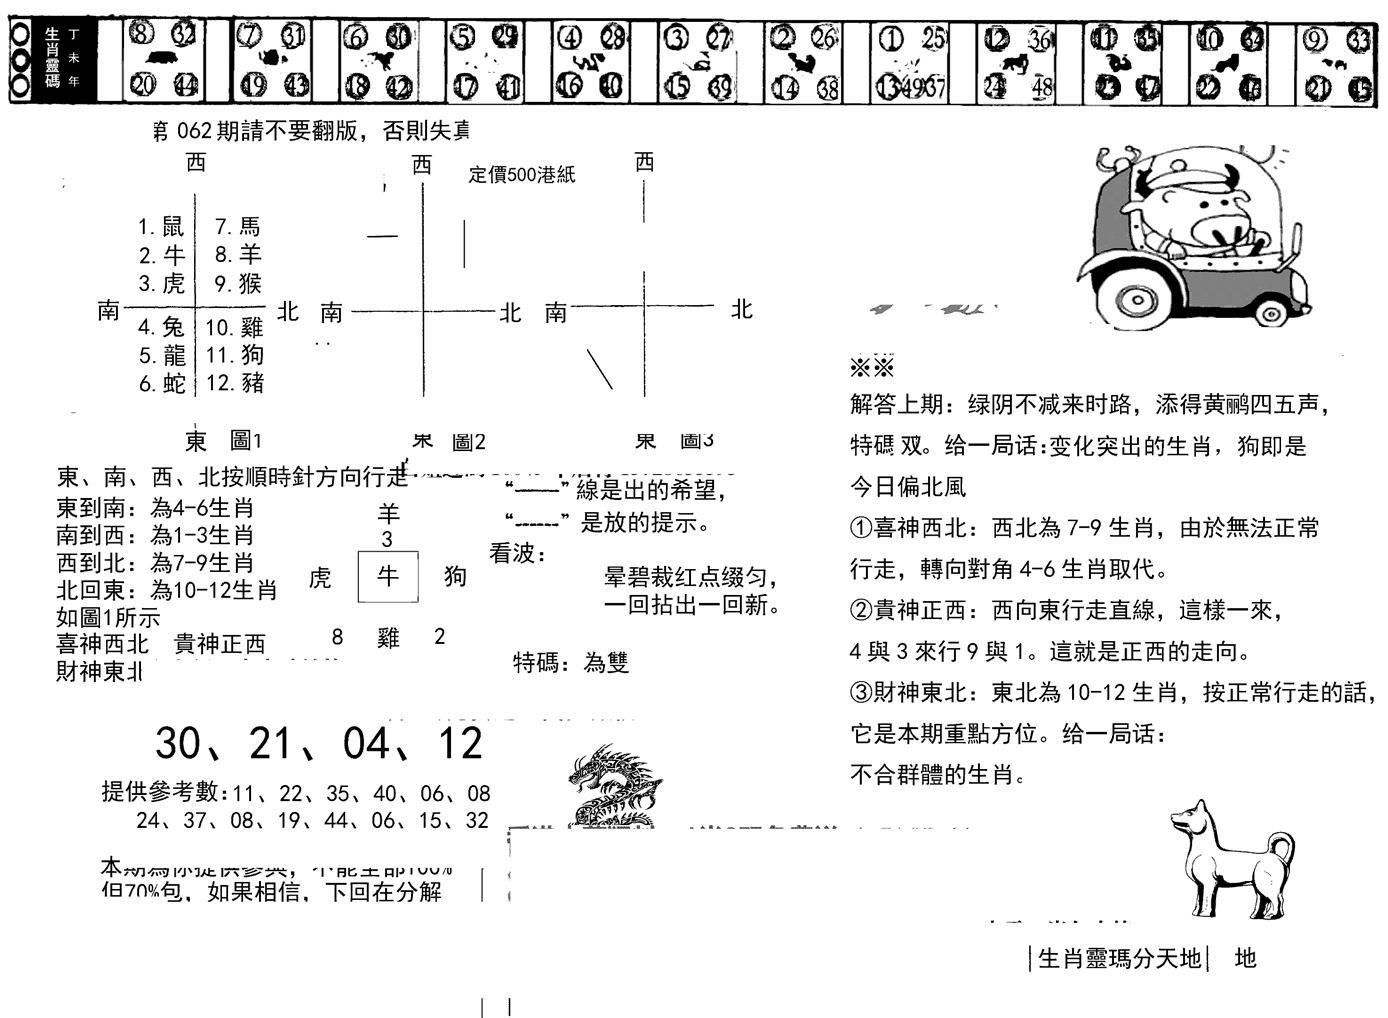 062期正版澳门足球报(黑白)